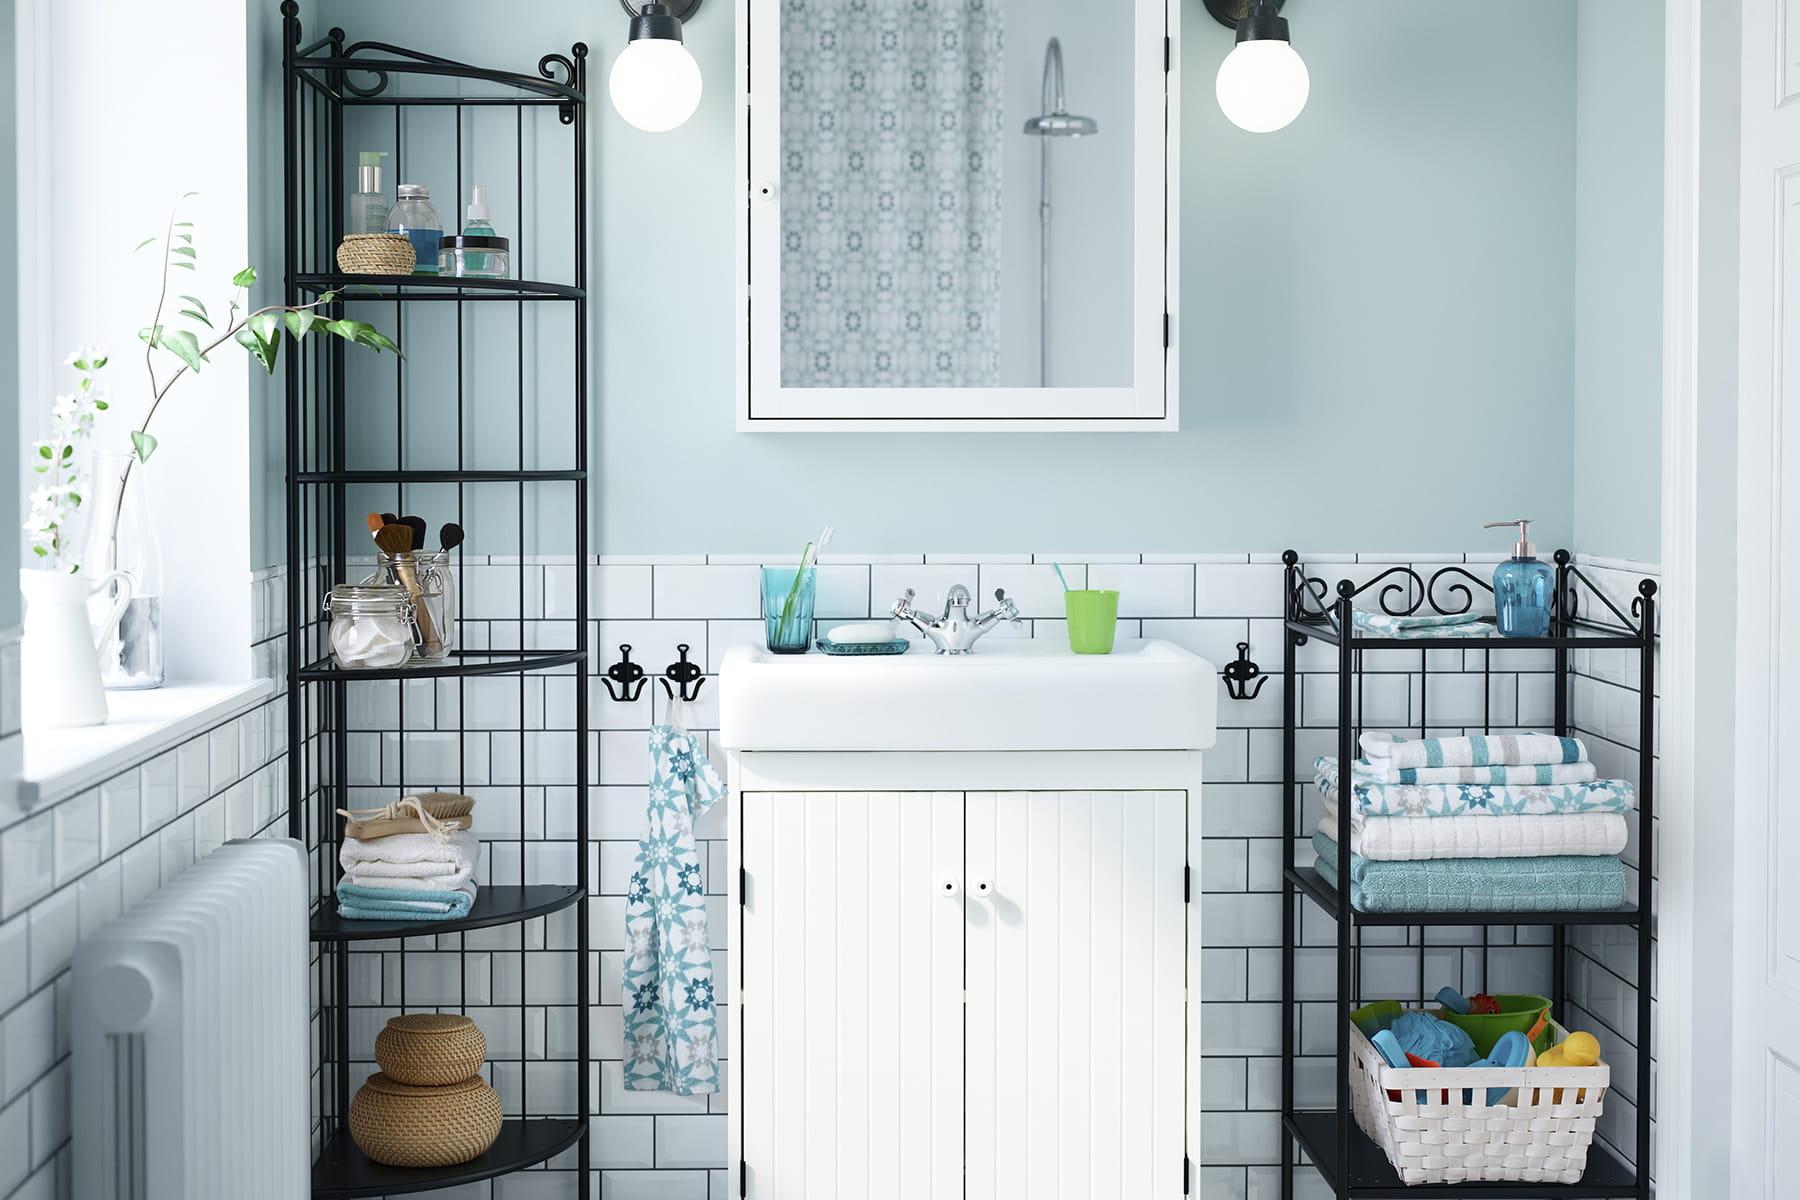 installer des meubles d 39 angle des produits malins pour am nager une petite salle de bains. Black Bedroom Furniture Sets. Home Design Ideas